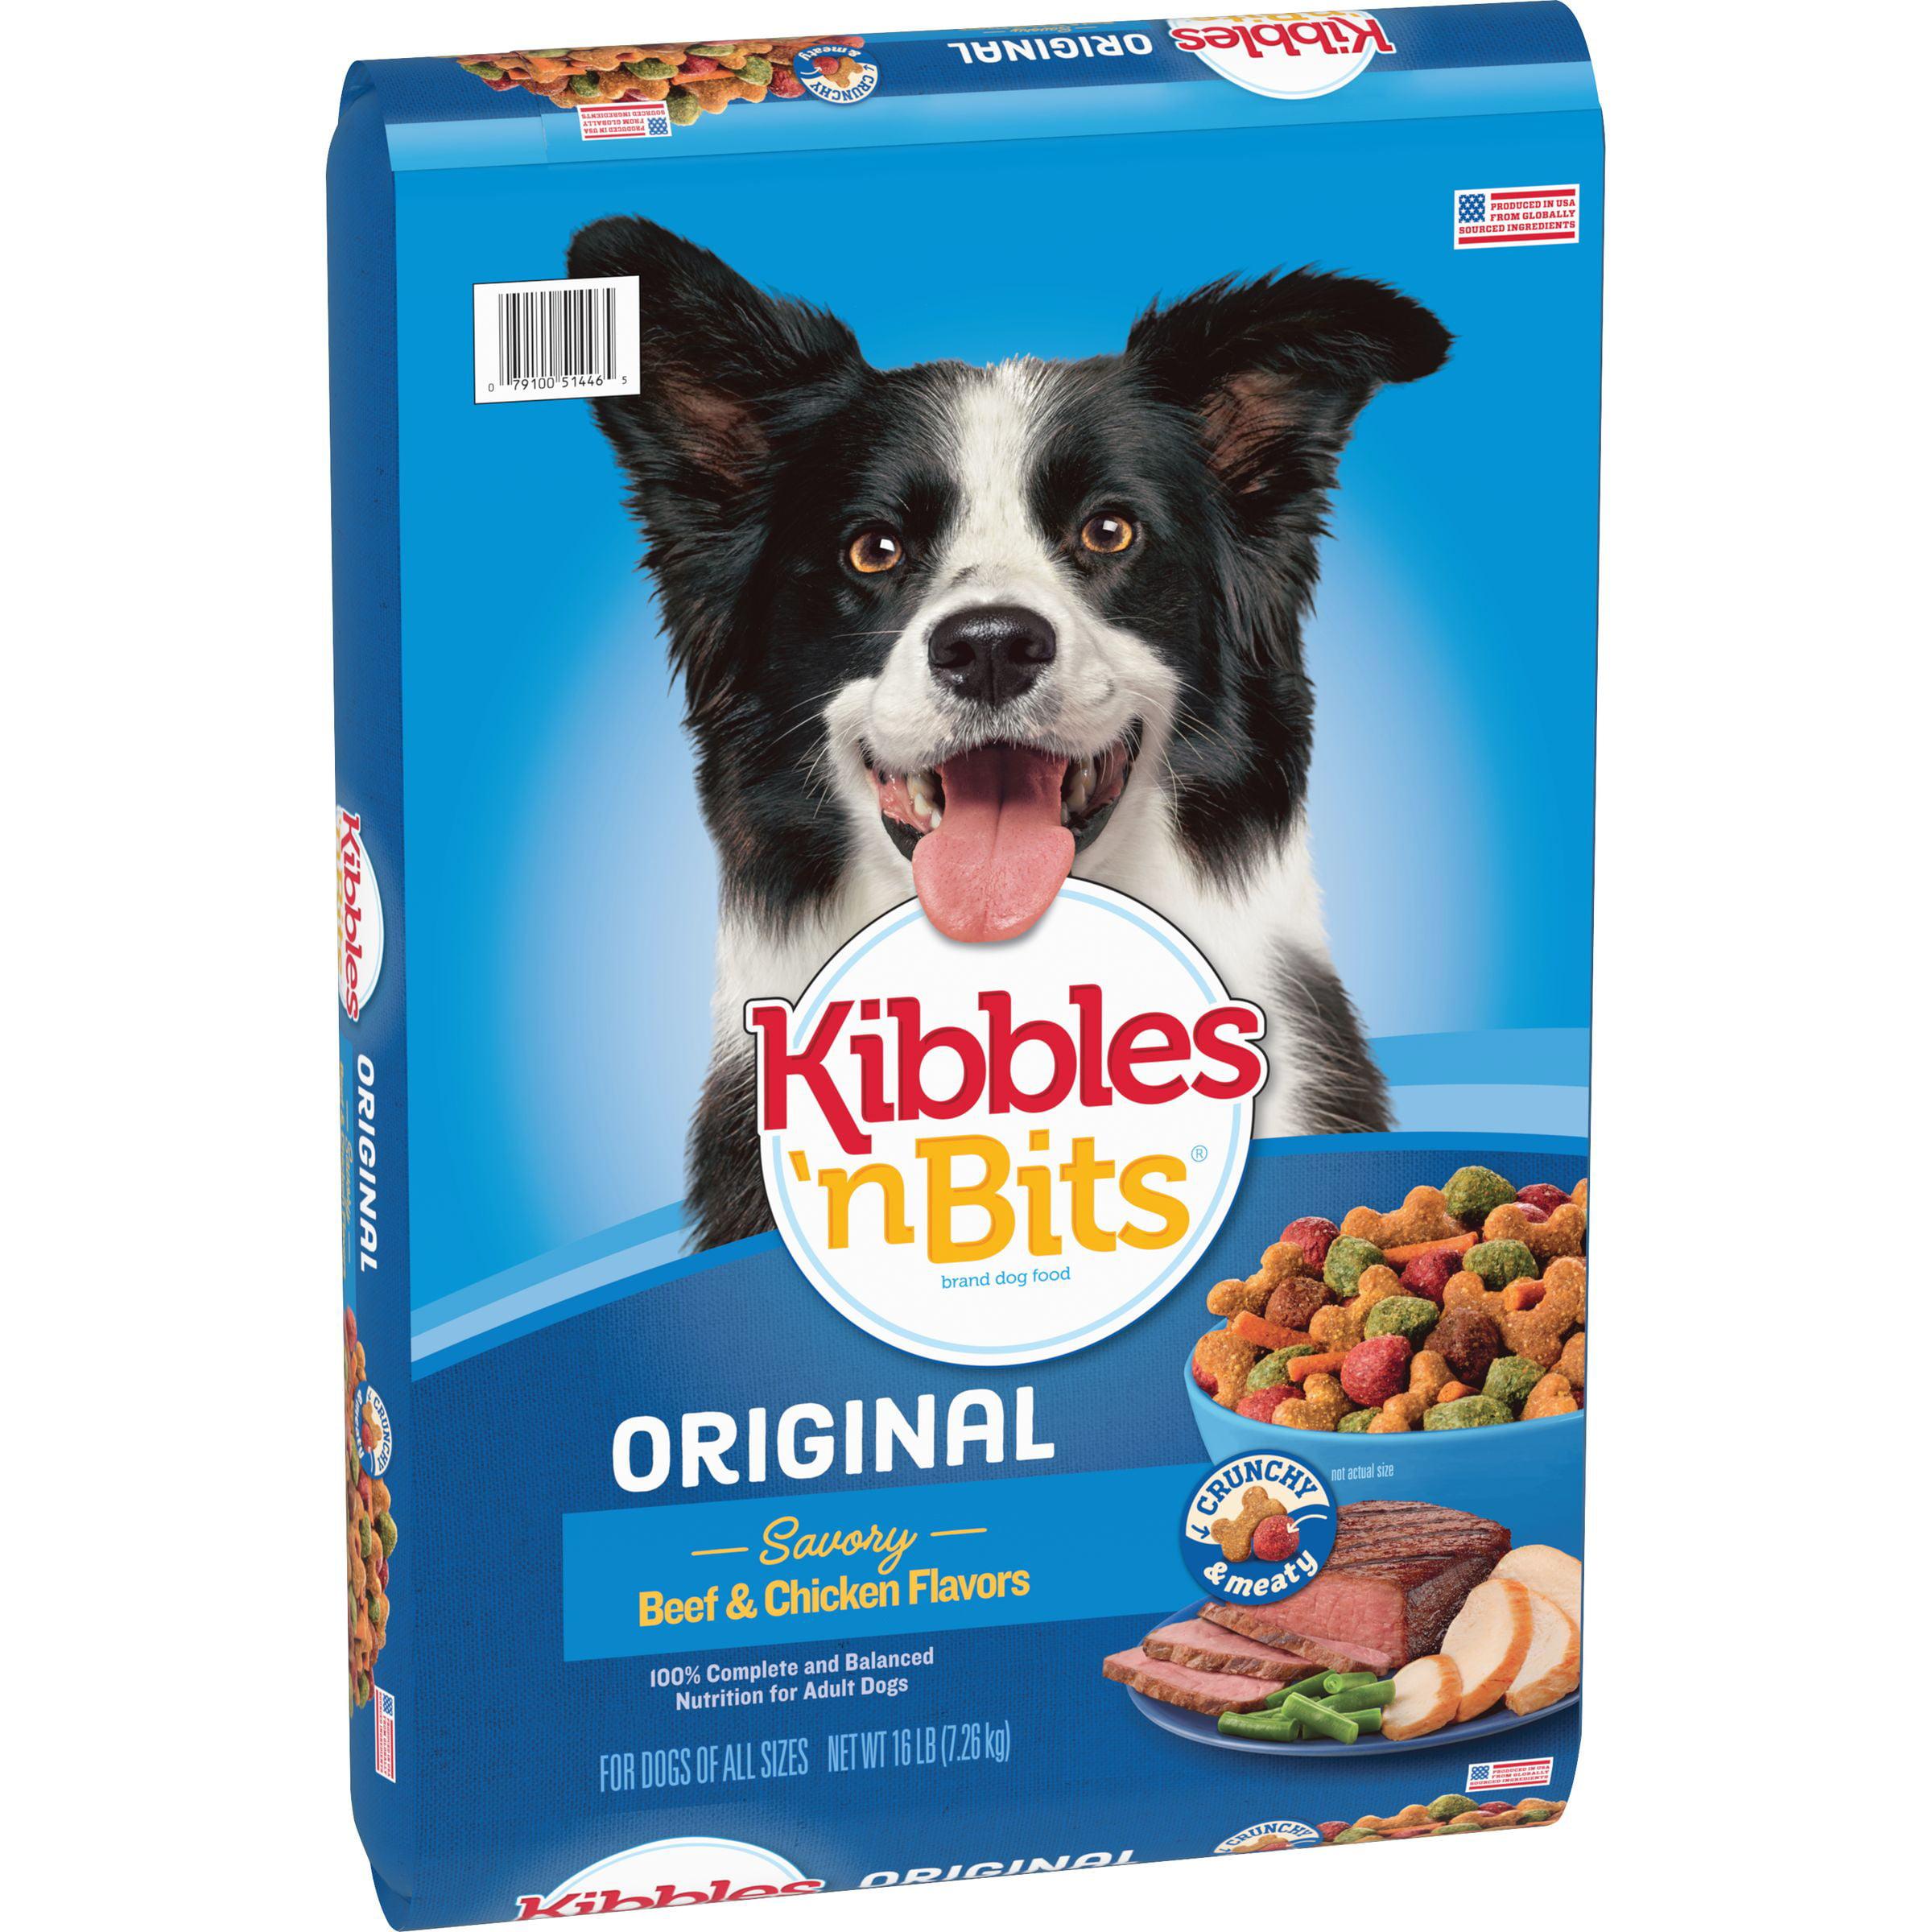 Kibbles 'n Bits Original Dry Dog Food, 16-Pound